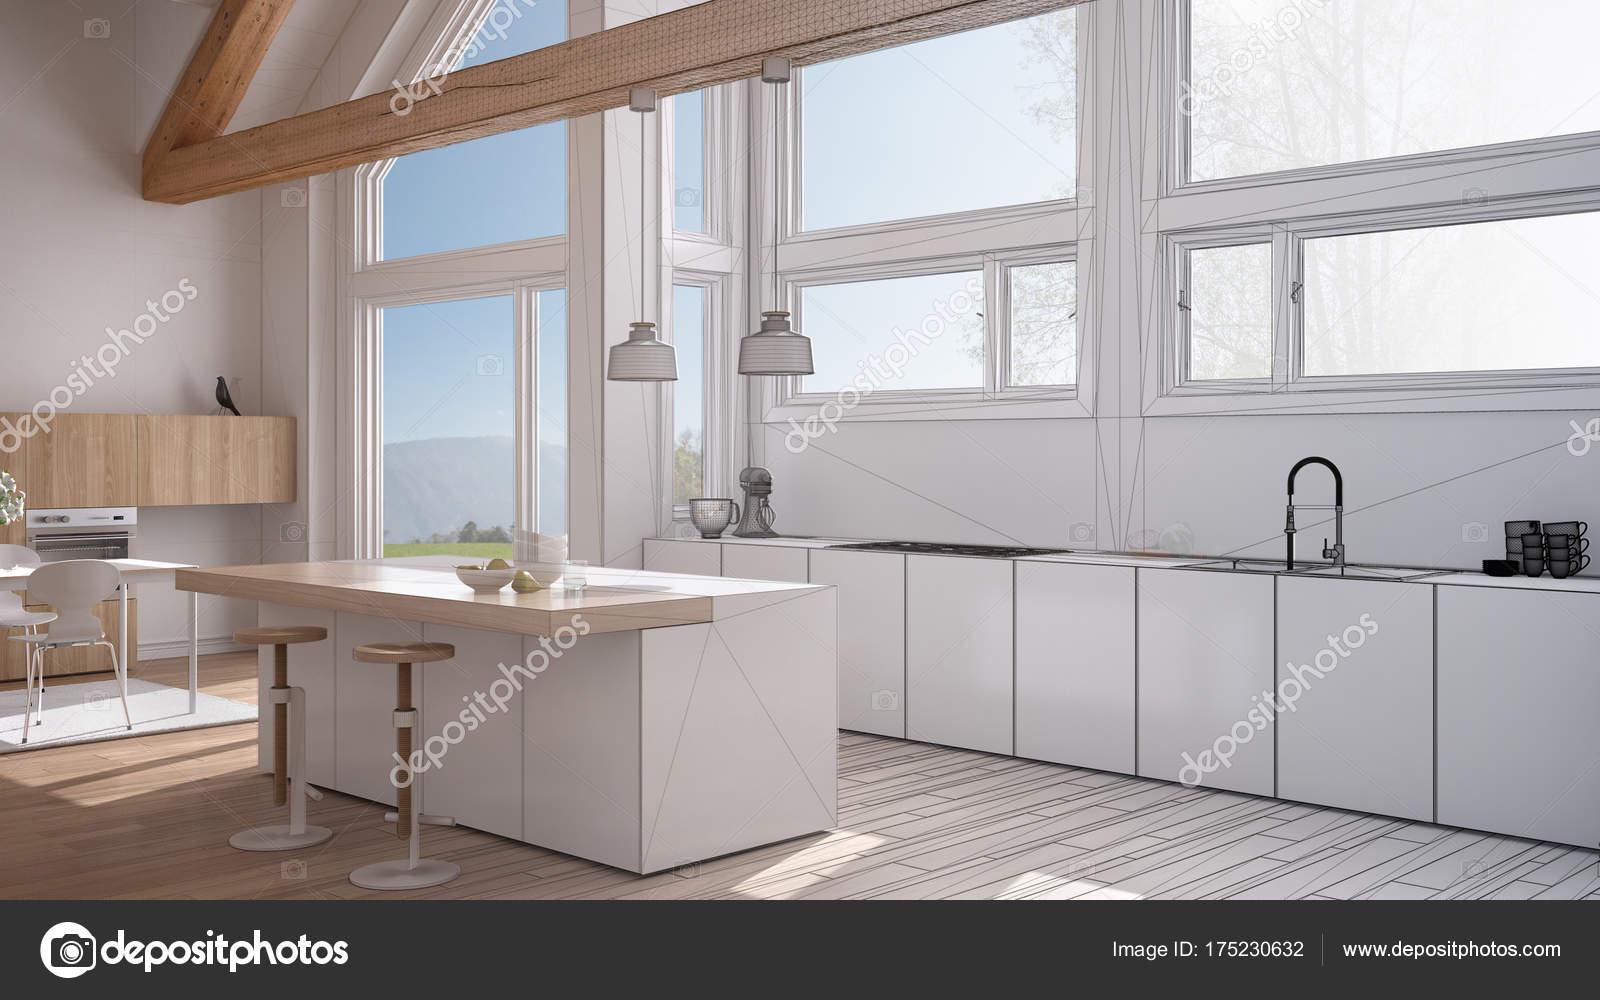 Projeto Inacabado De Cozinha Moderna Em Villa Cl Ssica Sot O